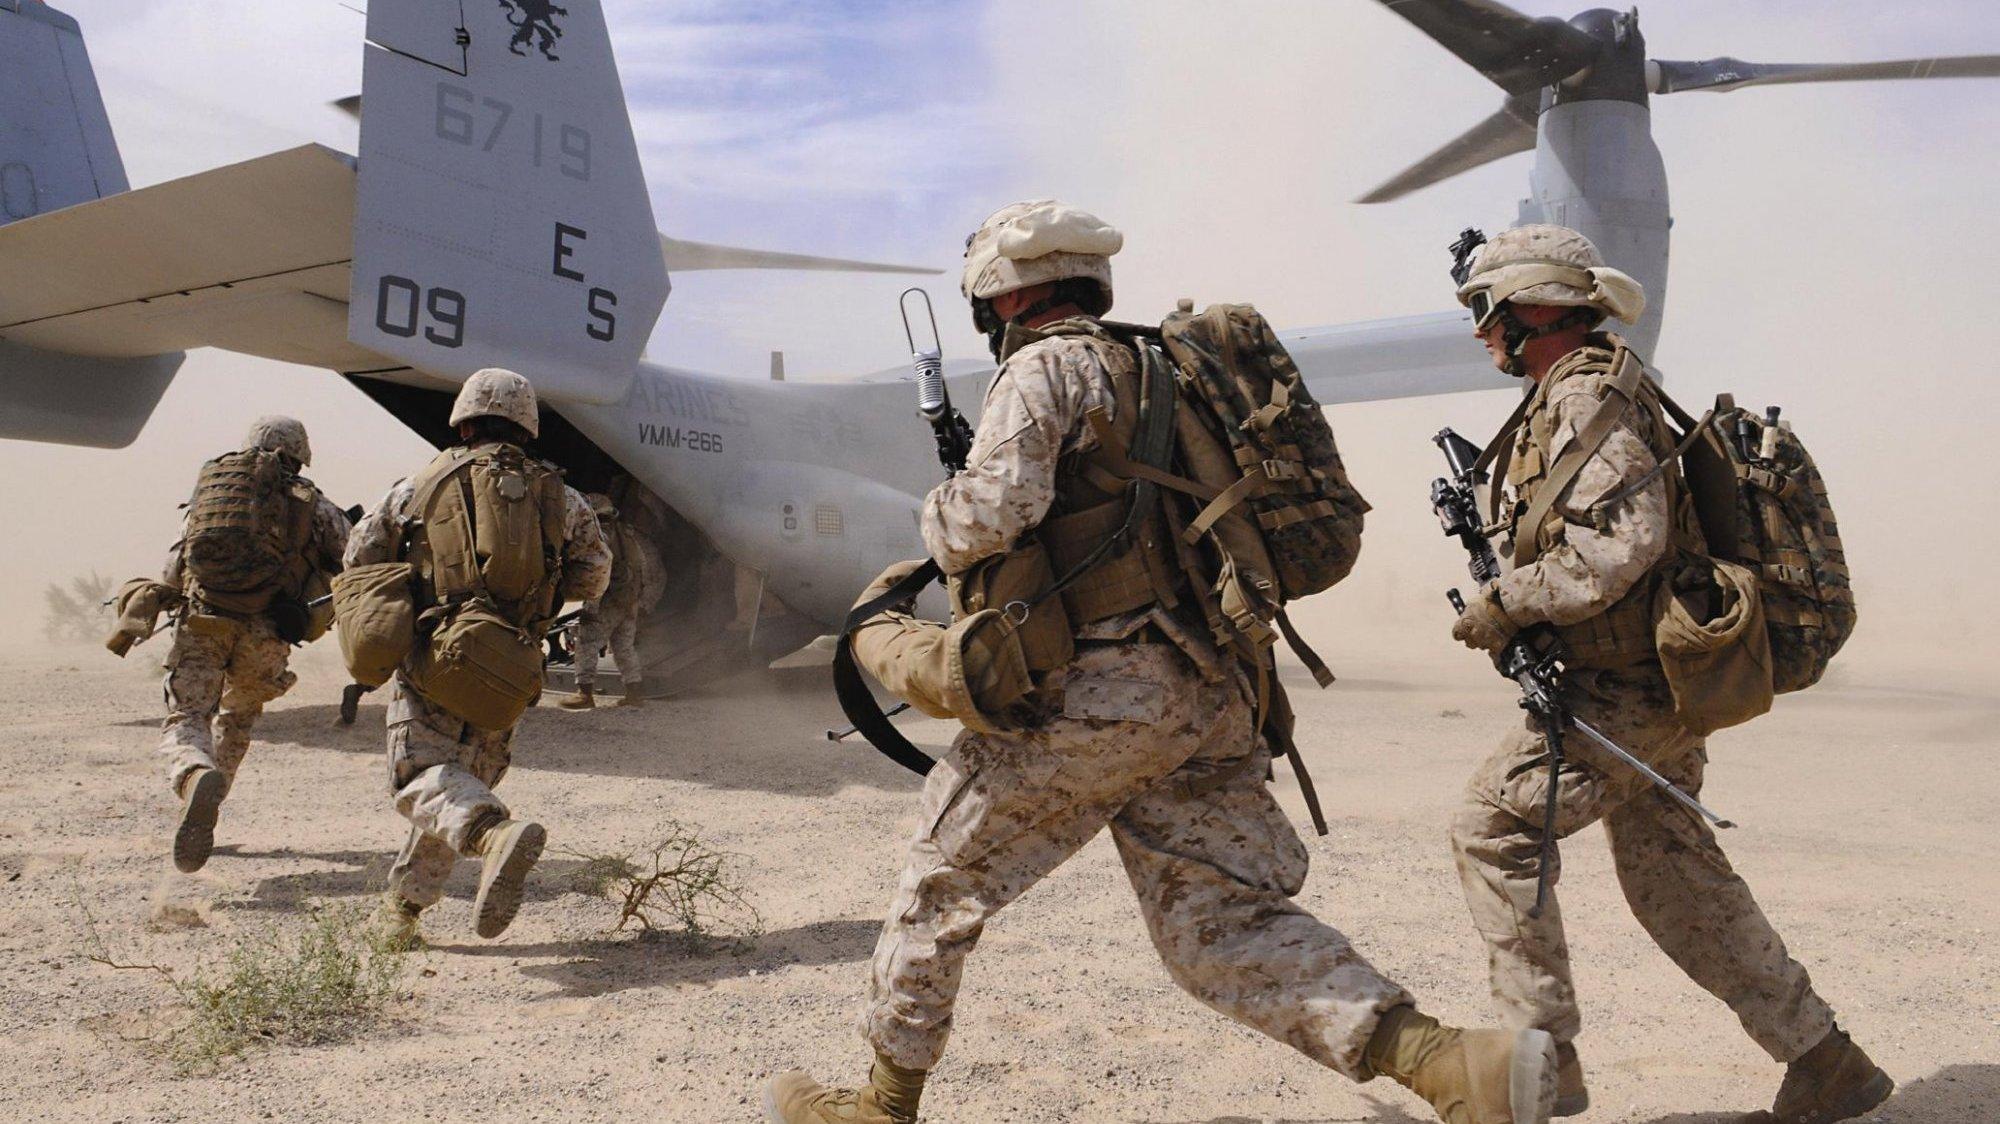 المغرب يستعد لأكبر تمرين عسكري في أفريقيا مع الولايات المتحدة الأمريكية